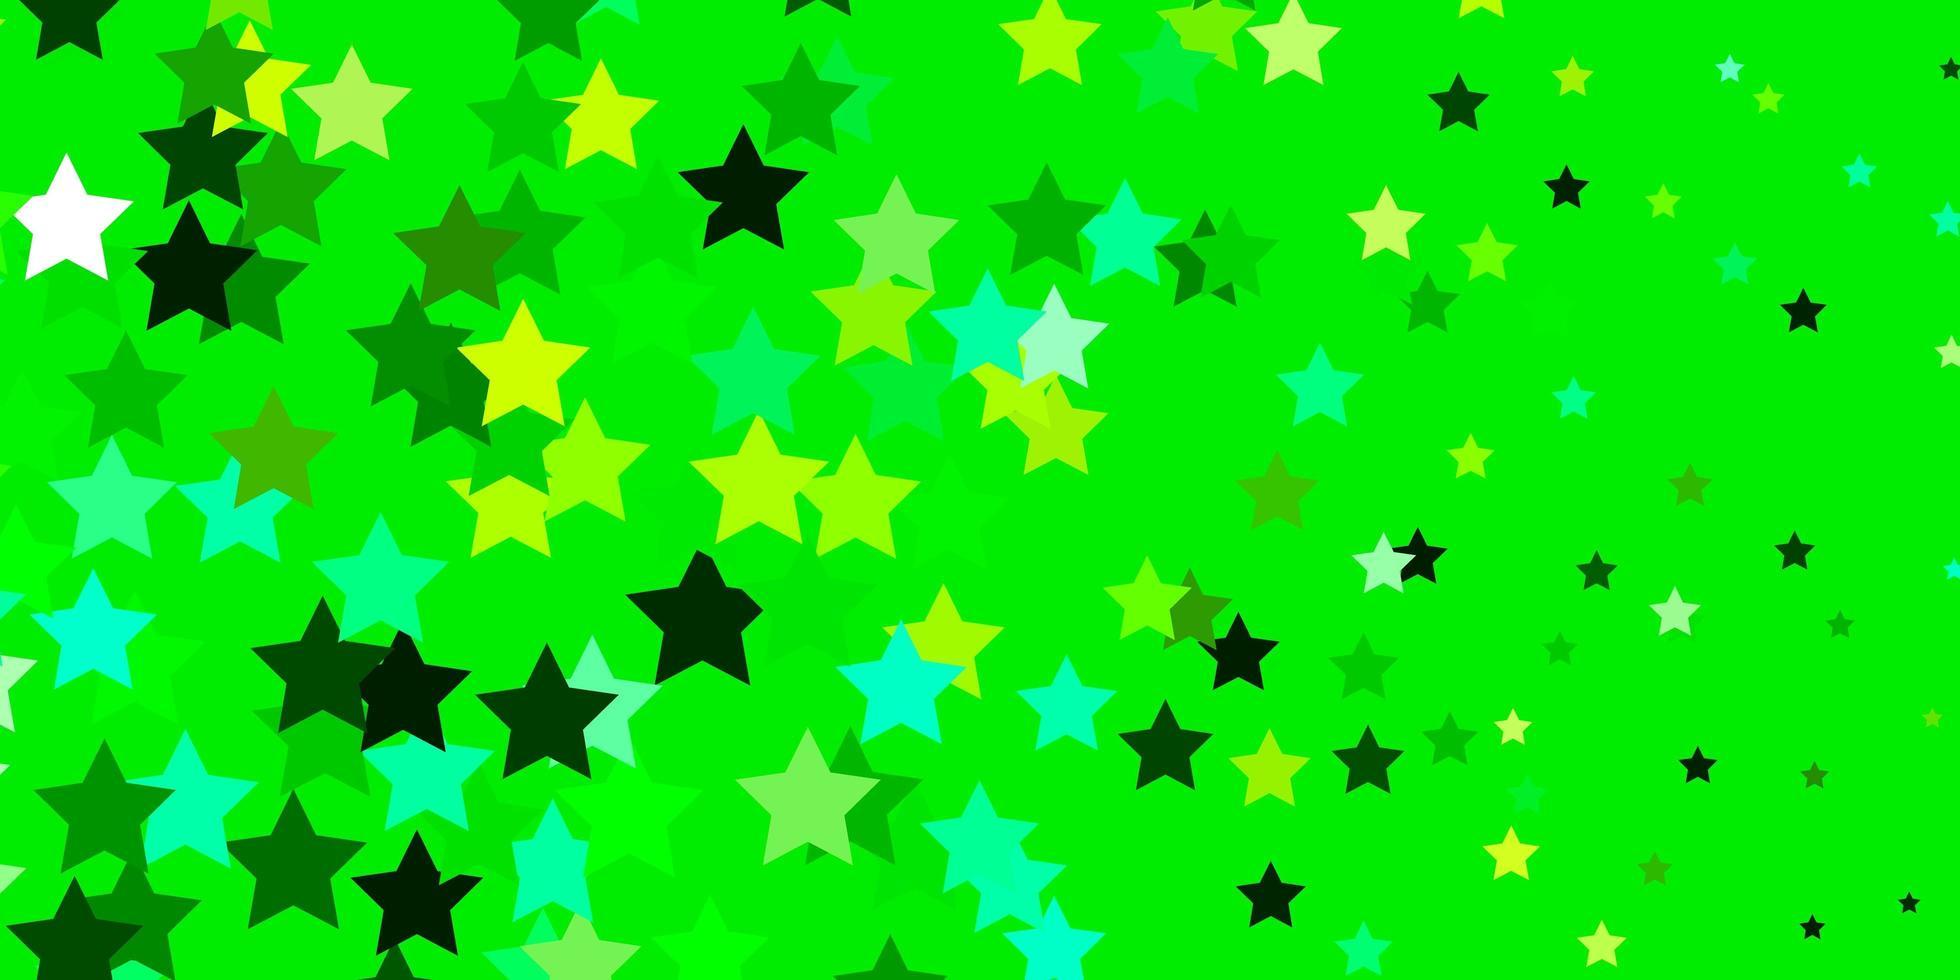 padrão de vetor verde claro com estrelas abstratas.